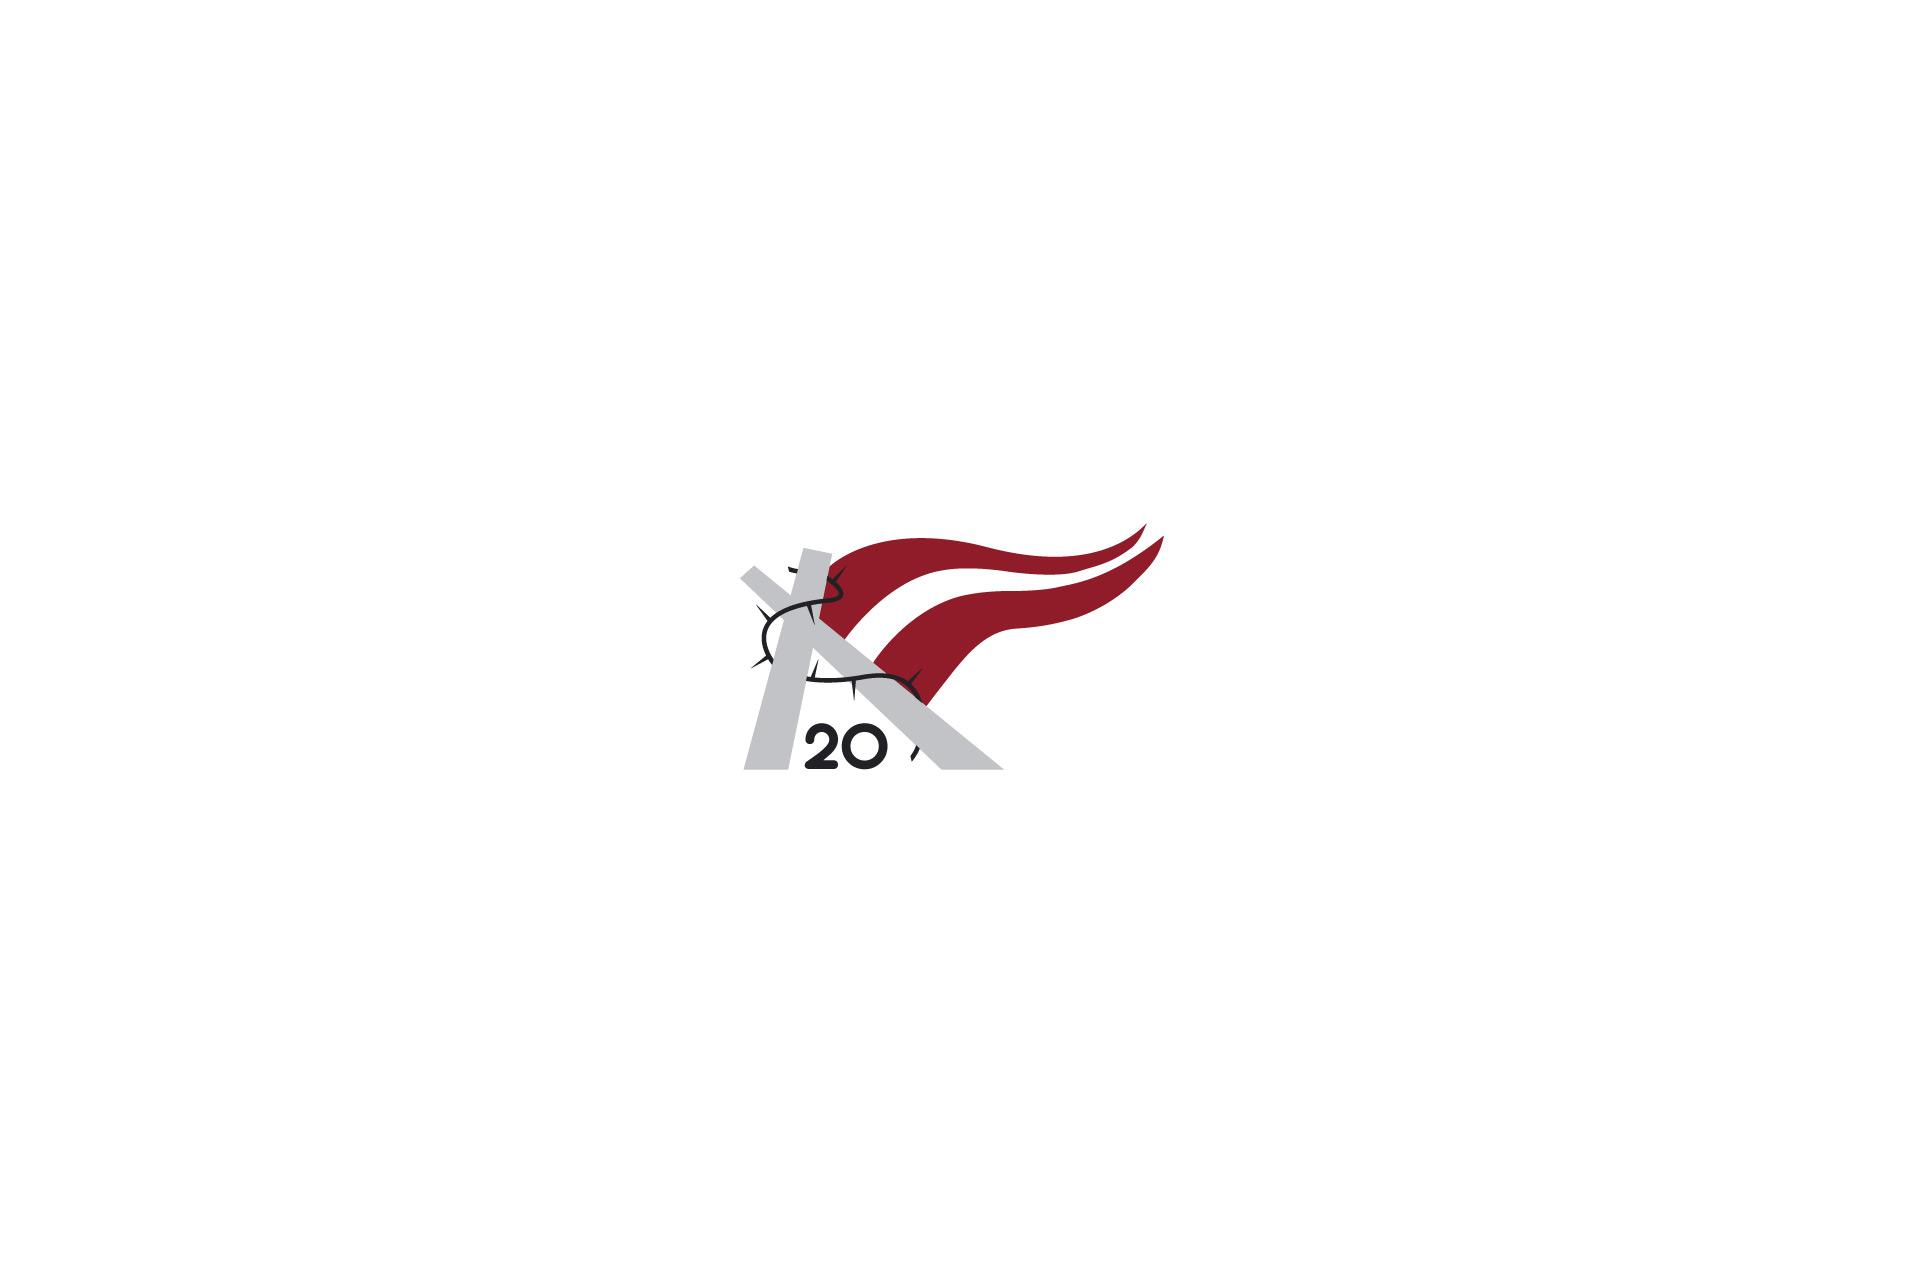 freakart_lv_latvijas_neatkaribas_20_gadskartas_logotips_02